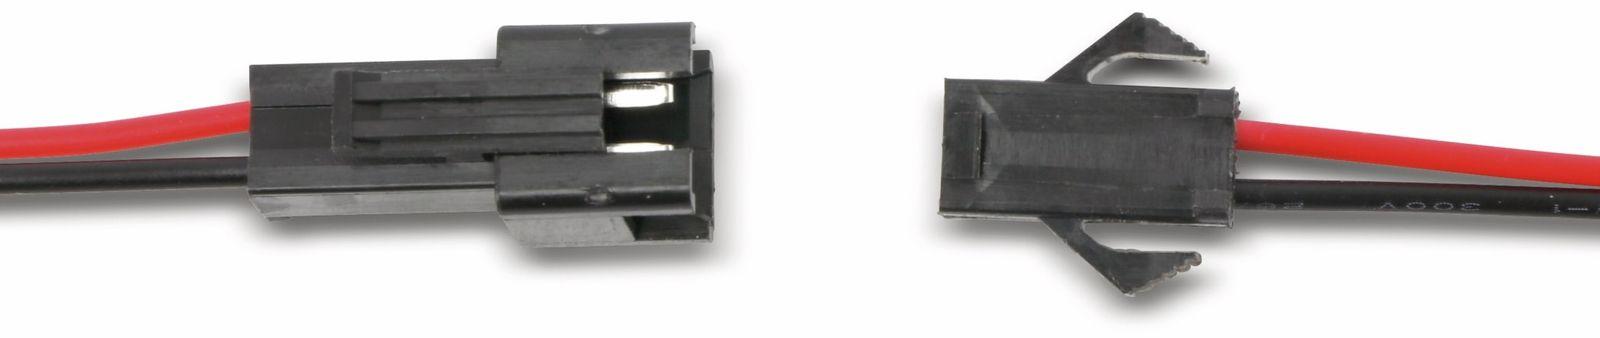 steckverbinder set 2 polig kyosho online kaufen. Black Bedroom Furniture Sets. Home Design Ideas